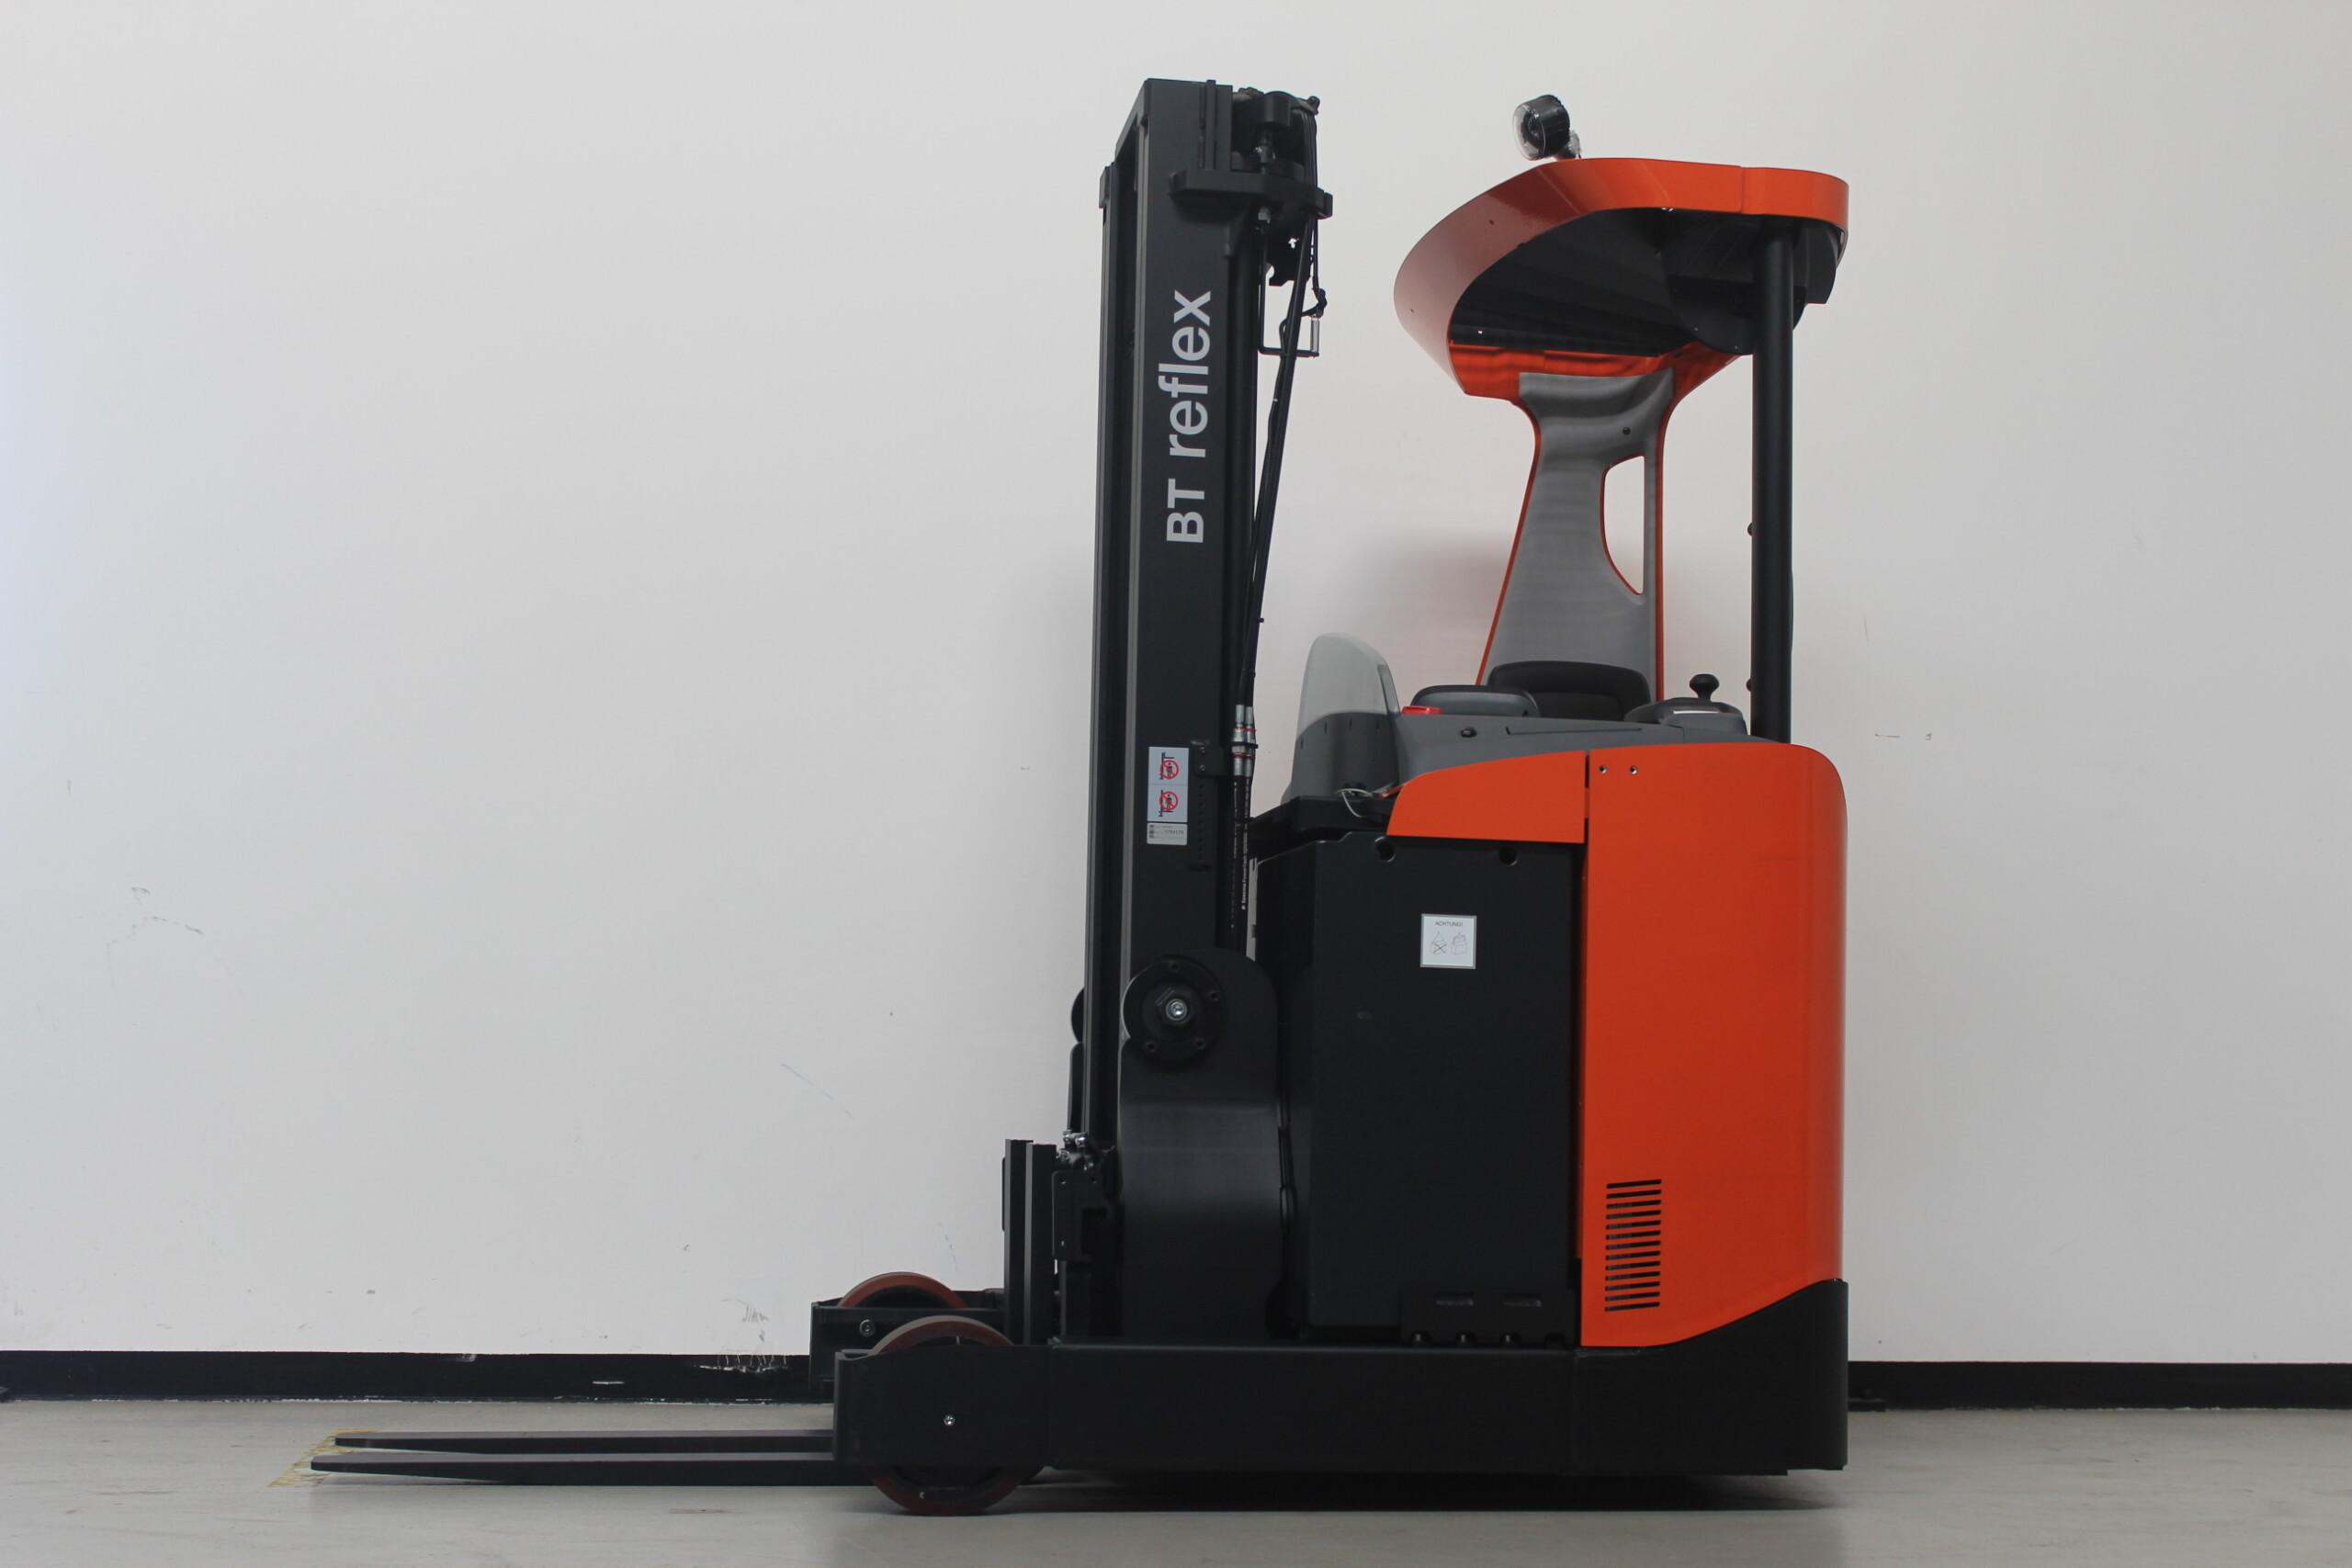 Toyota-Gabelstapler-59840 1610088322 1 32 scaled